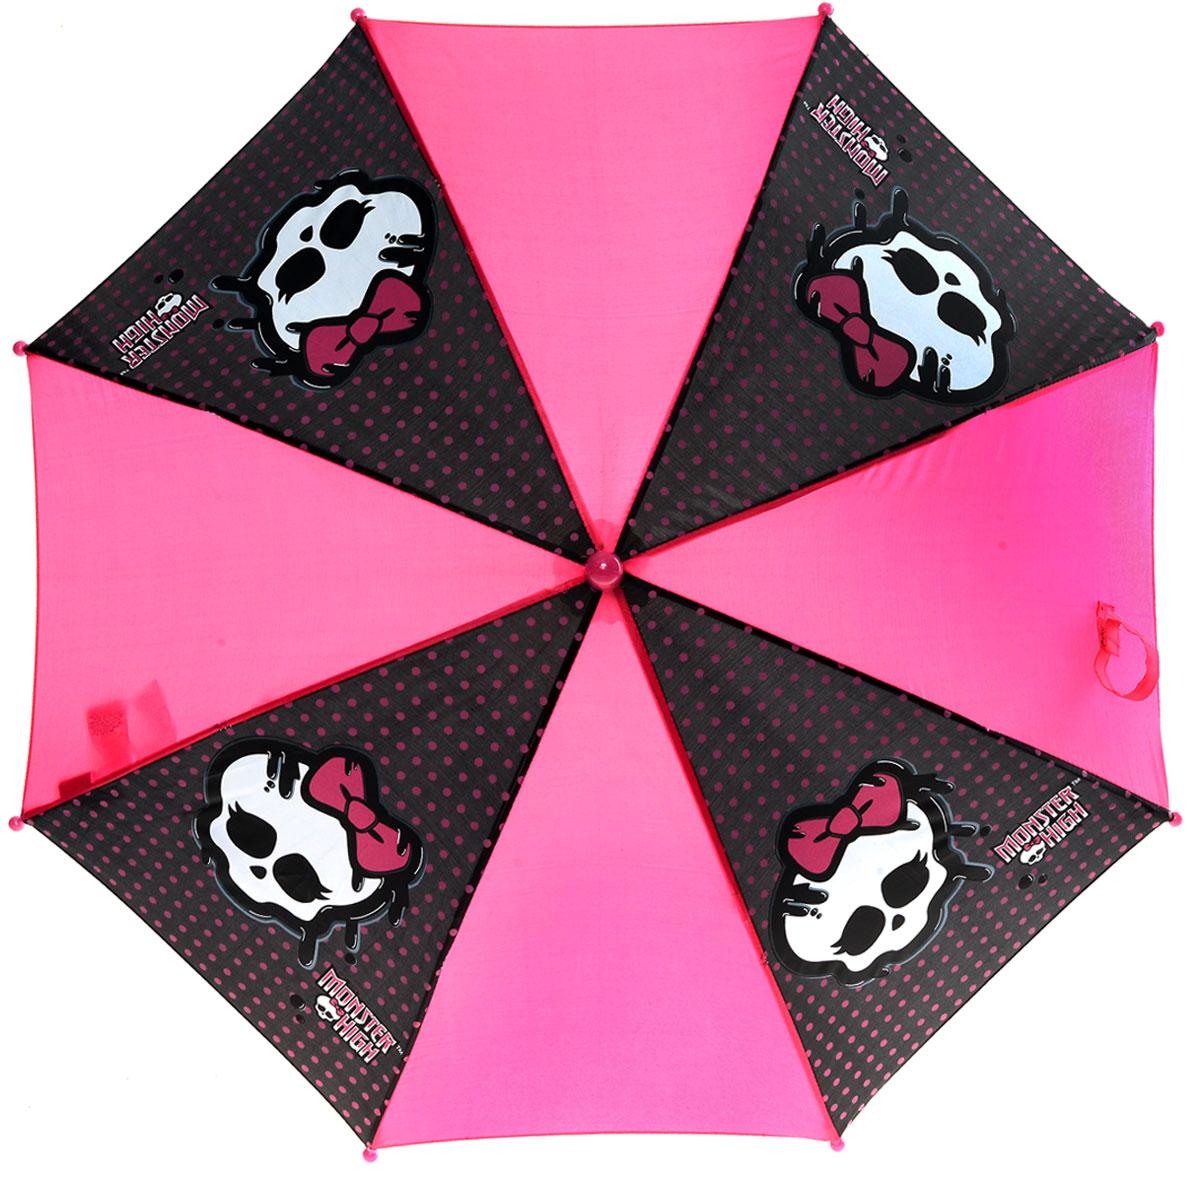 Зонт-трость для девочек Monster High, цвет: розовый, черный. MOH-132MOH-132Компактный детский зонтик-трость станет замечательным подарком для вашего чада и защитит его не только от дождя, но и от солнца. Красочный дизайн зонтика поднимет настроение и станет незаменимым атрибутом прогулки. Ребенок сможет сам открывать и закрывать зонтик, благодаря легкому механизму, а оригинальная расцветка зонтика привлечет к себе внимание. Характеристики: Диаметр купола: 68 см. Длина в сложенном виде: 57 см. Количество спиц: 8 шт. Тип механизма: механический (открывается/закрывается вручную). Конструкция зонта: зонт-трость. Материал: пластик, полиэстер, металл.